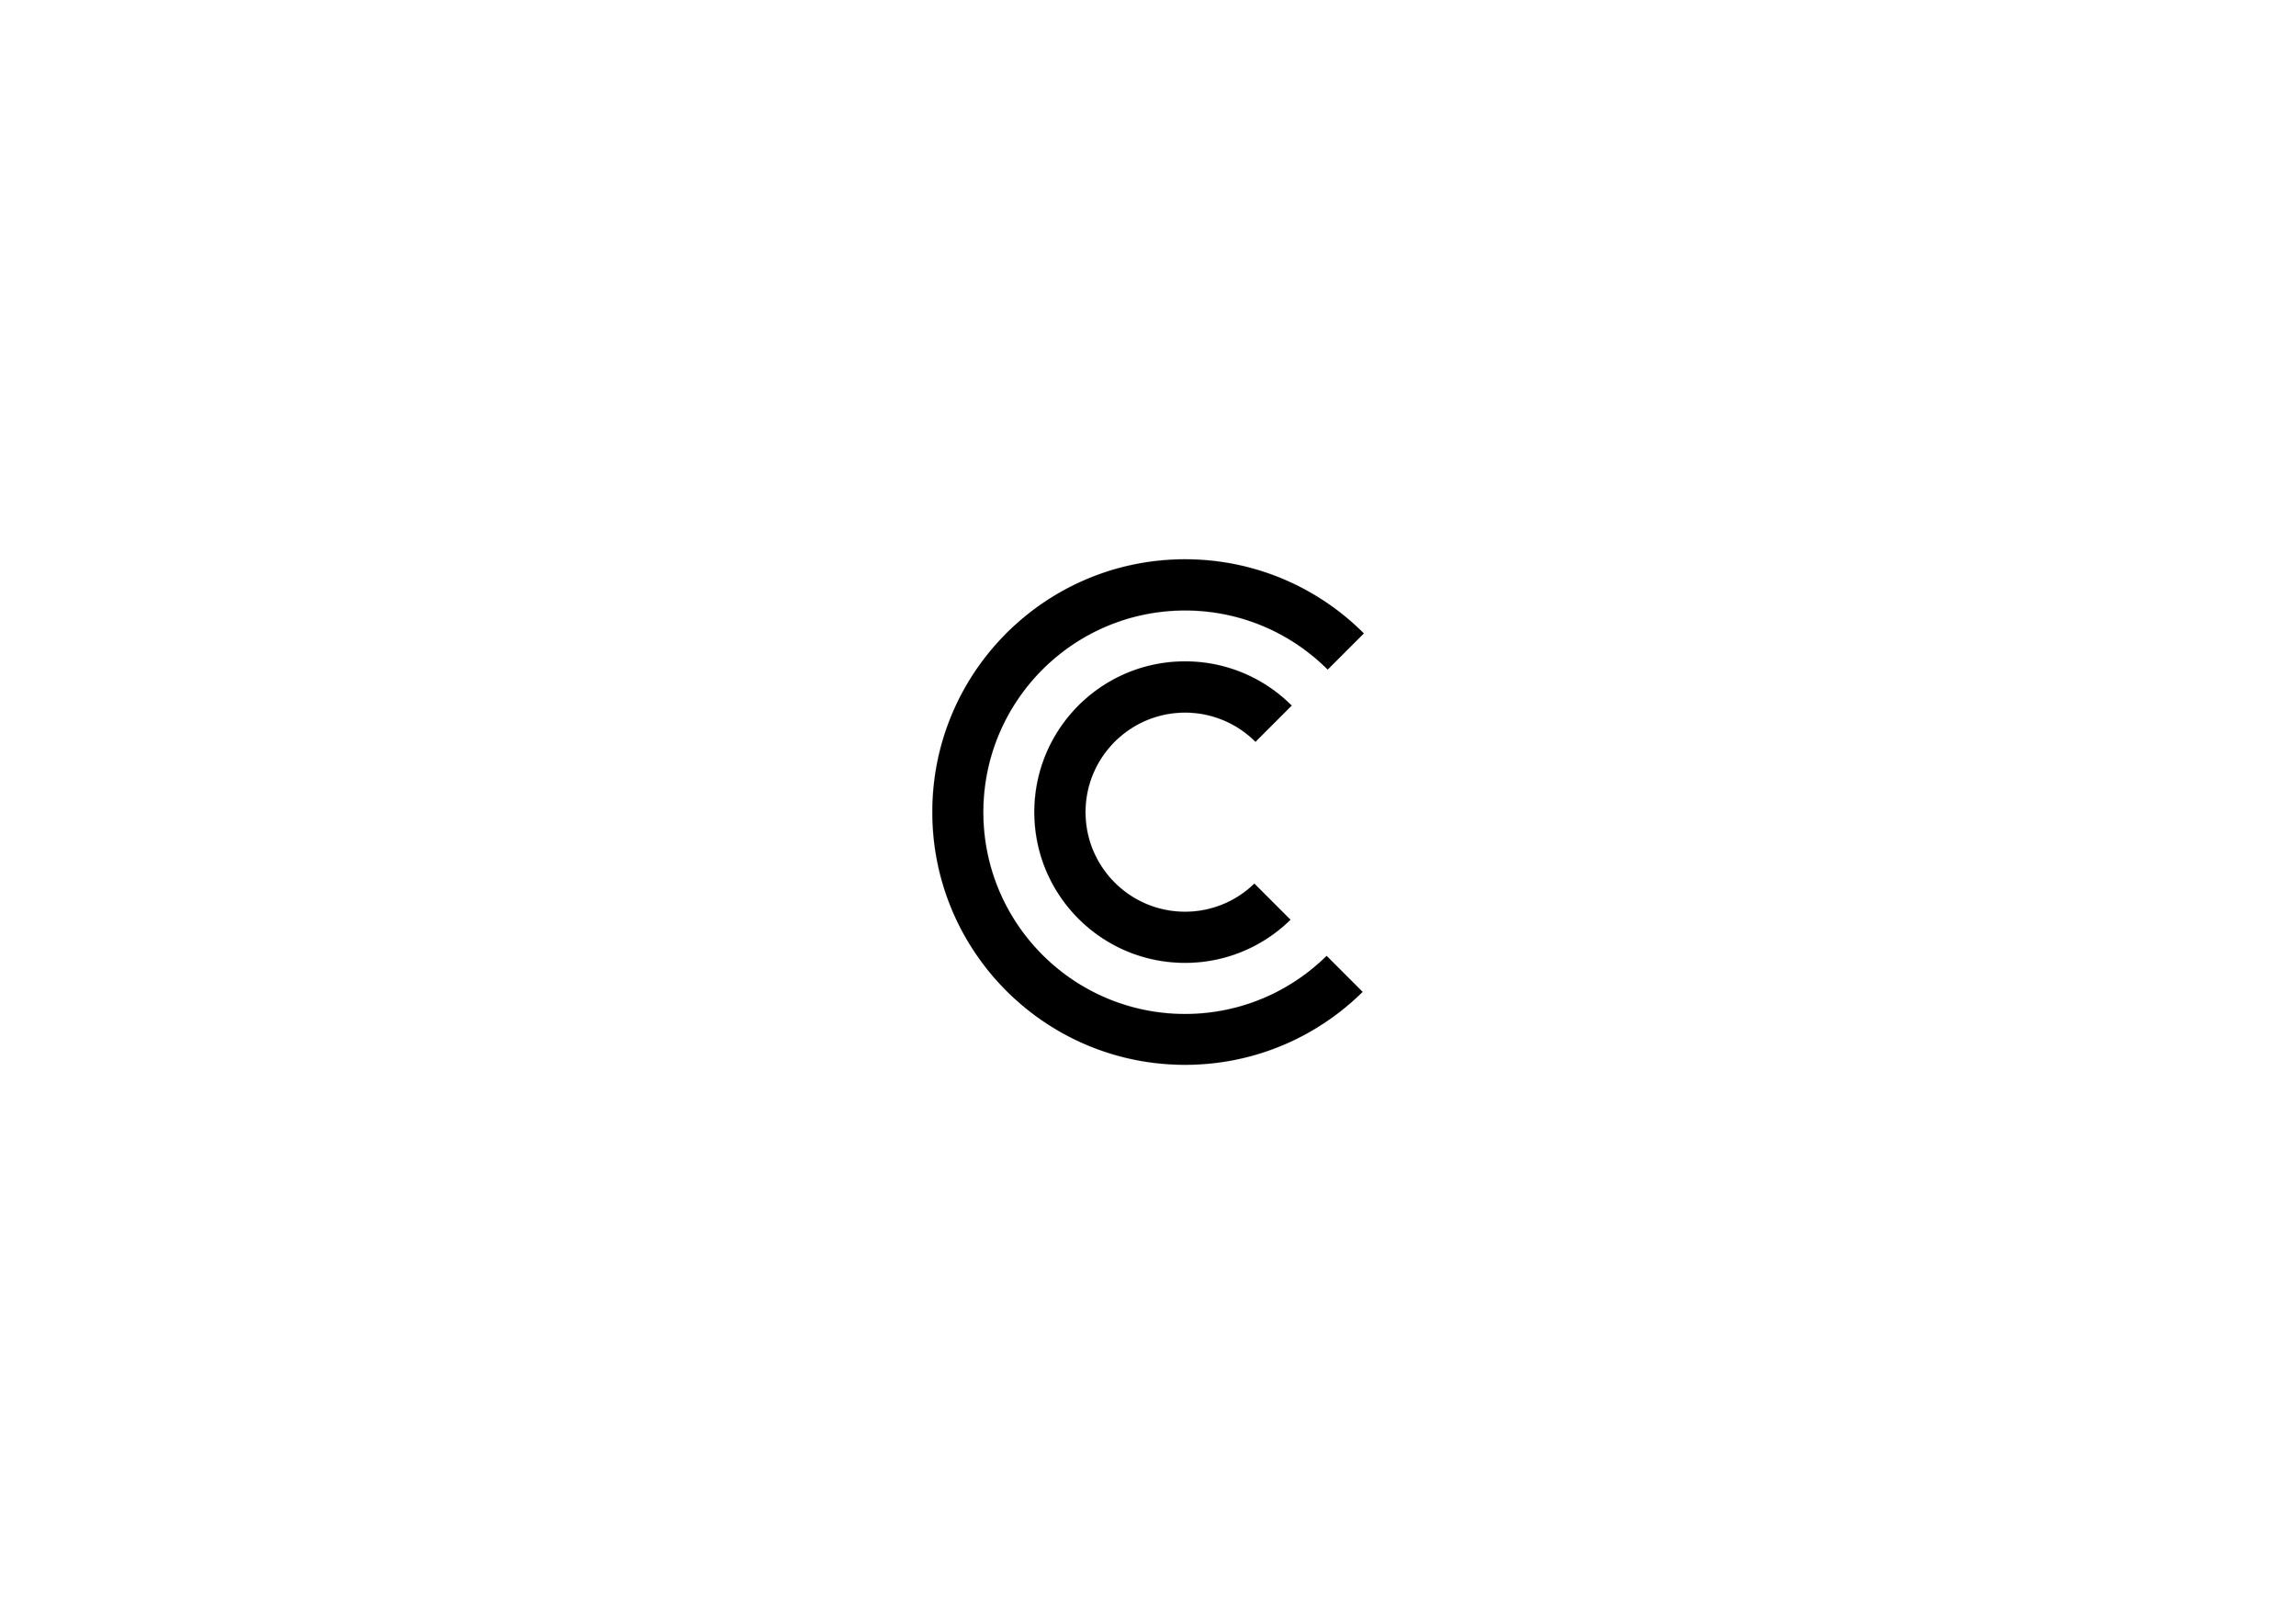 C+LOGO-01.png